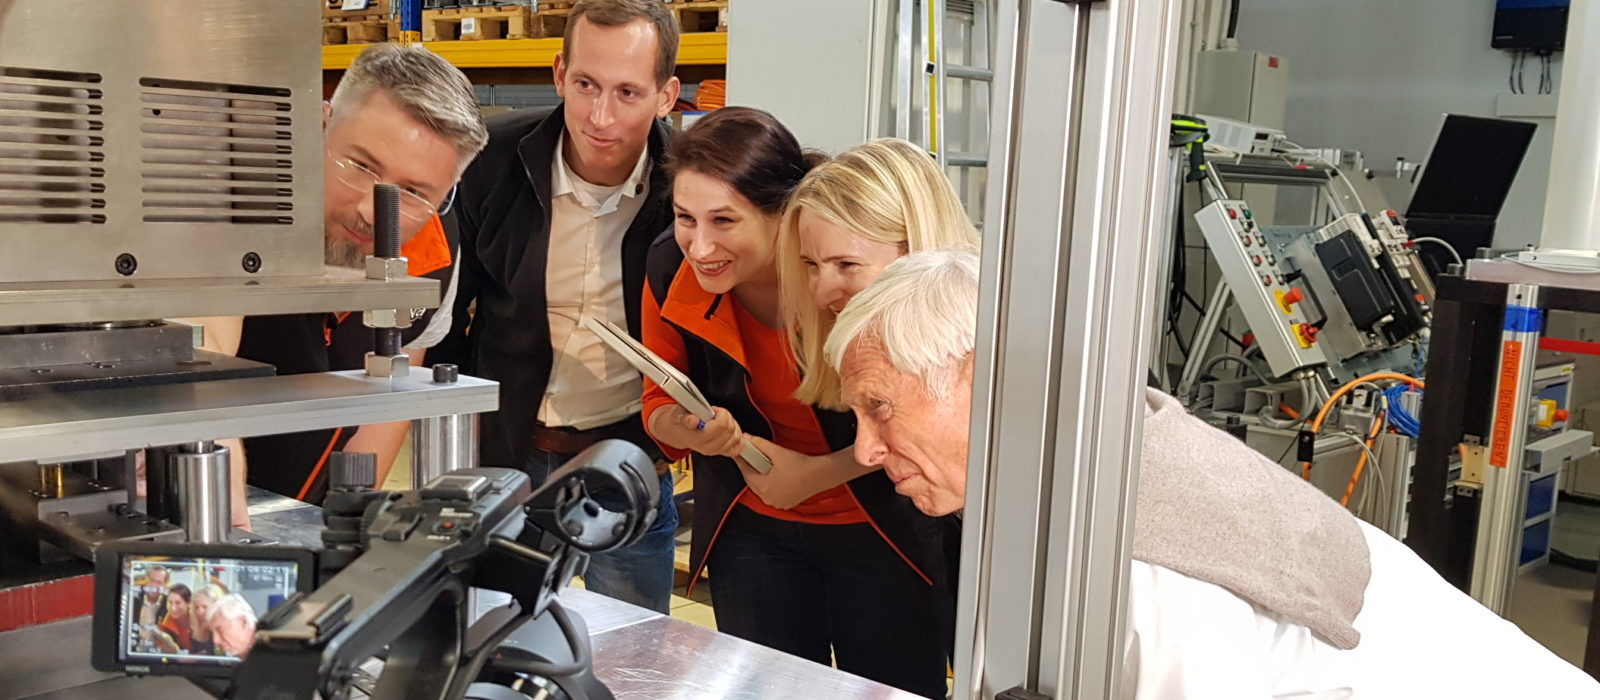 Drehsituation: Vier Personen beugen sich vor um eine Maschine ganz genau anschauen zu können